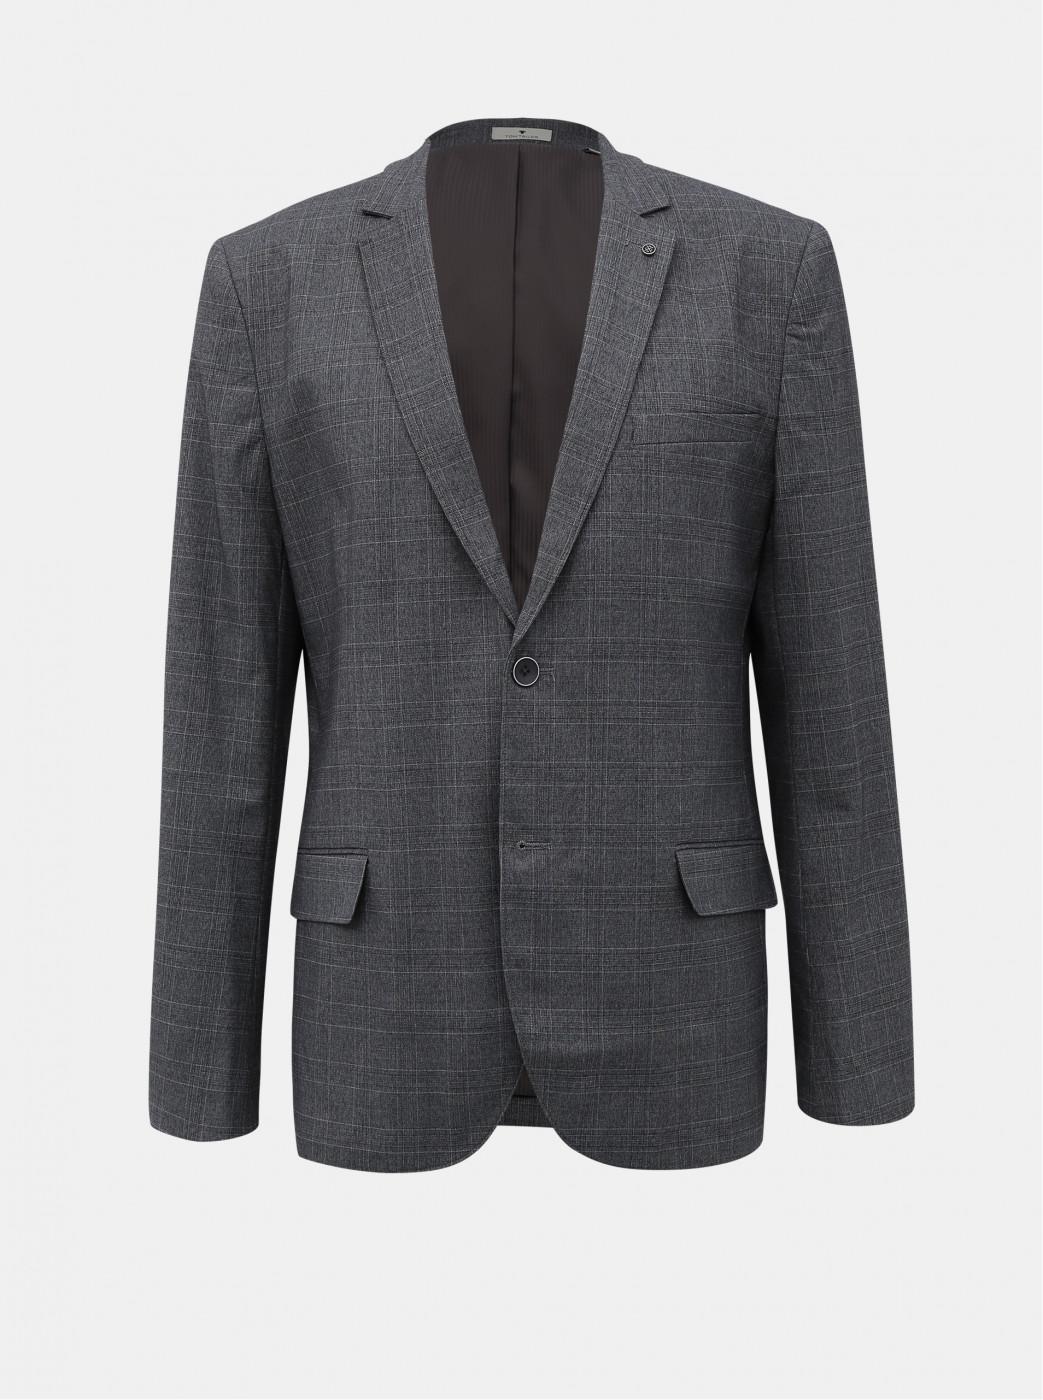 Tom Tailor Grey Men's Plaid Jacket